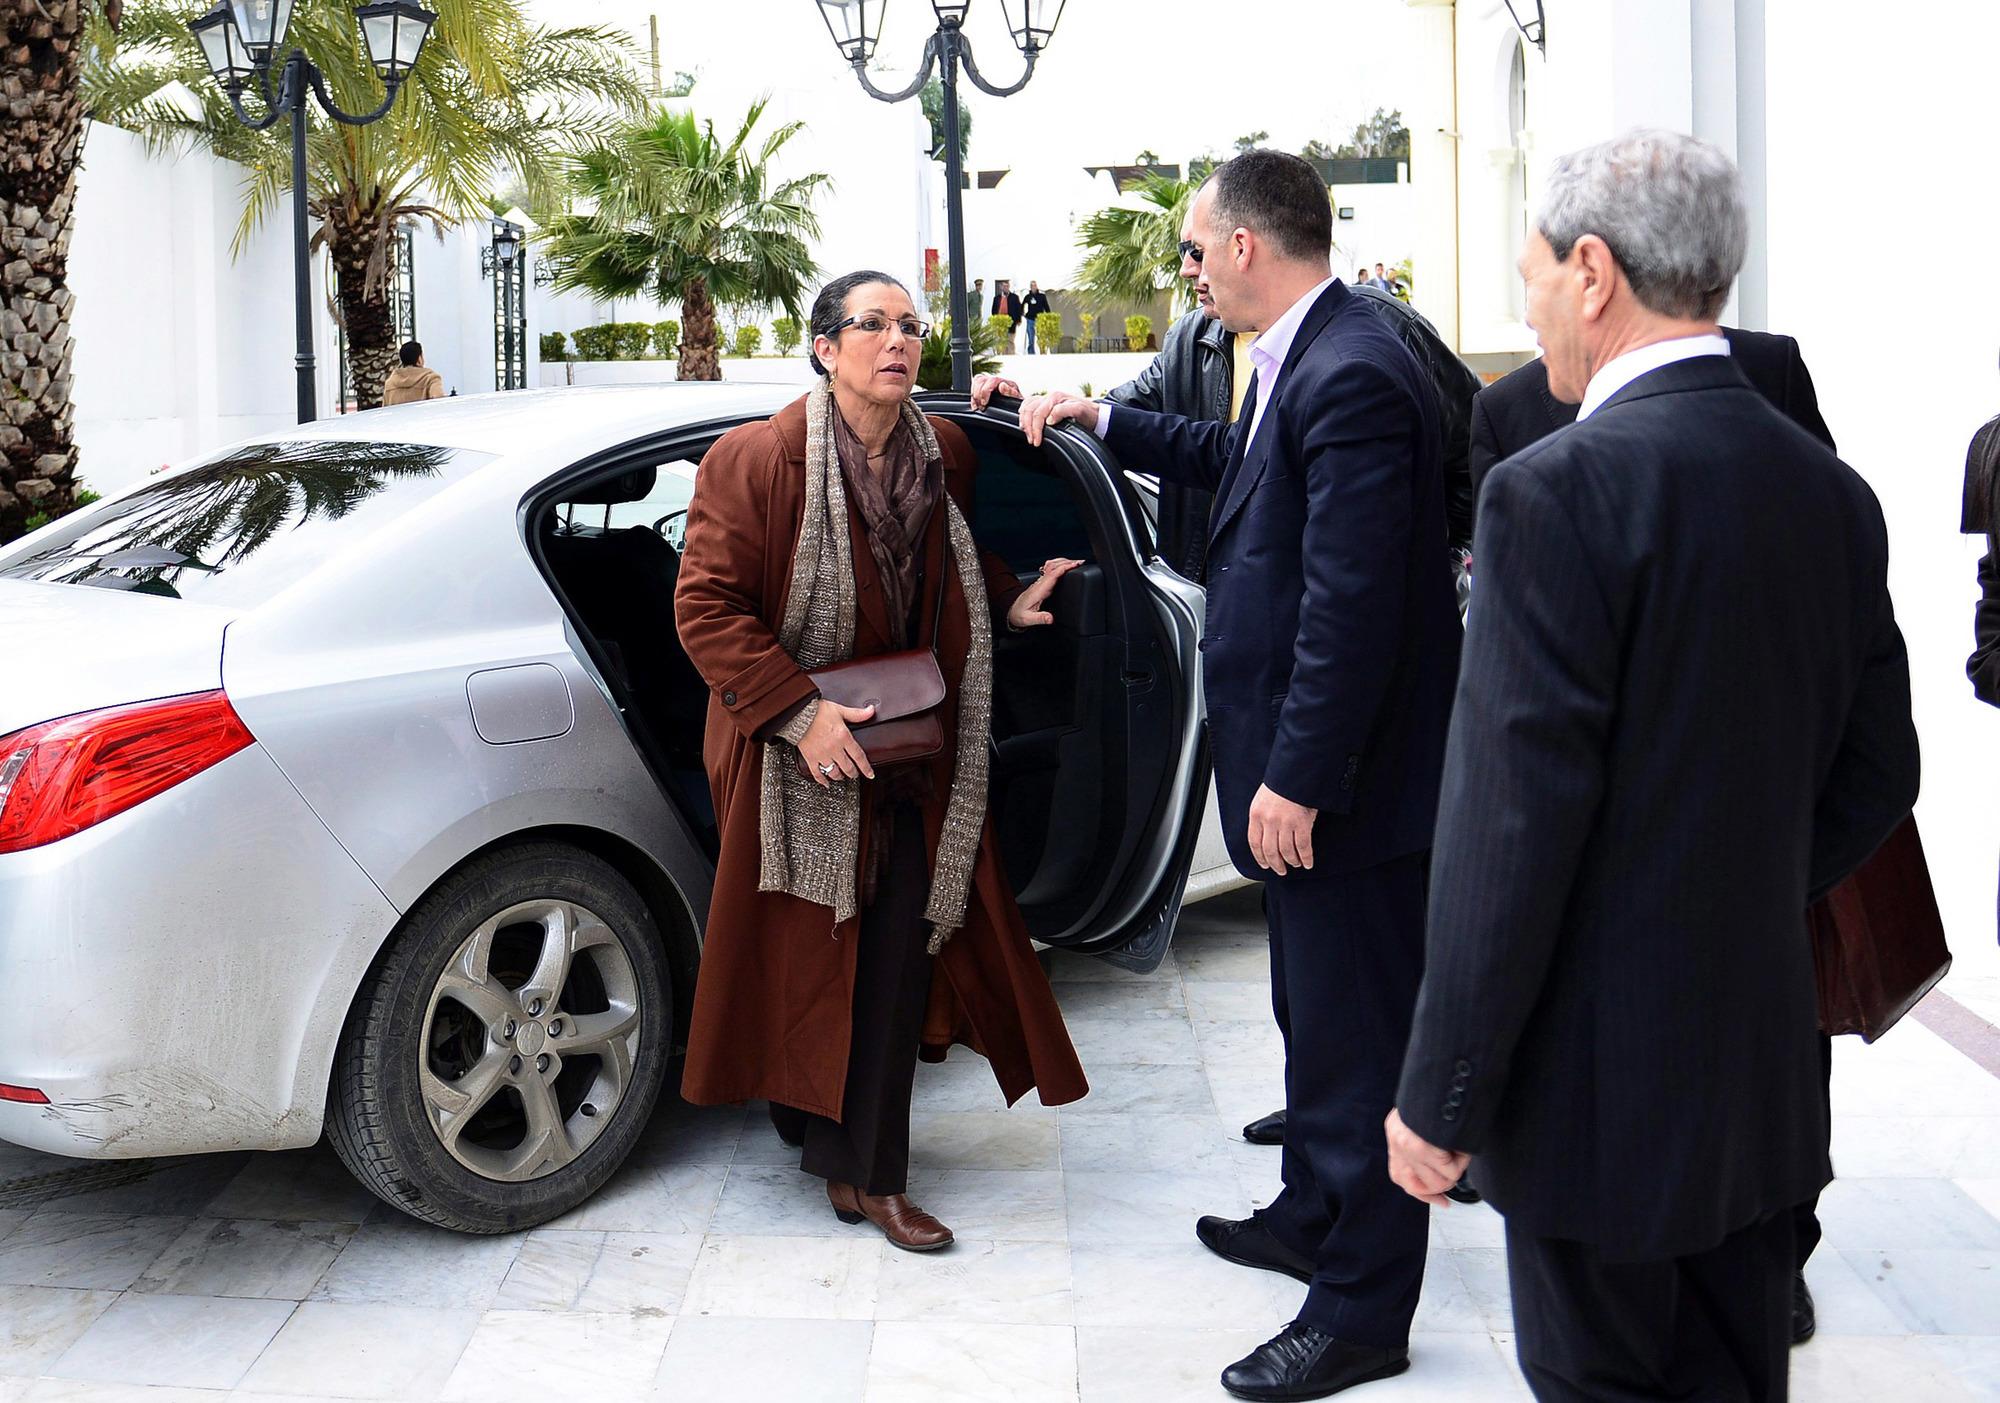 Louisa Hanoune, du Parti des travailleurs, qui s'était présentée à la présidentielle de 2014, a elle aussi été incarcérée.